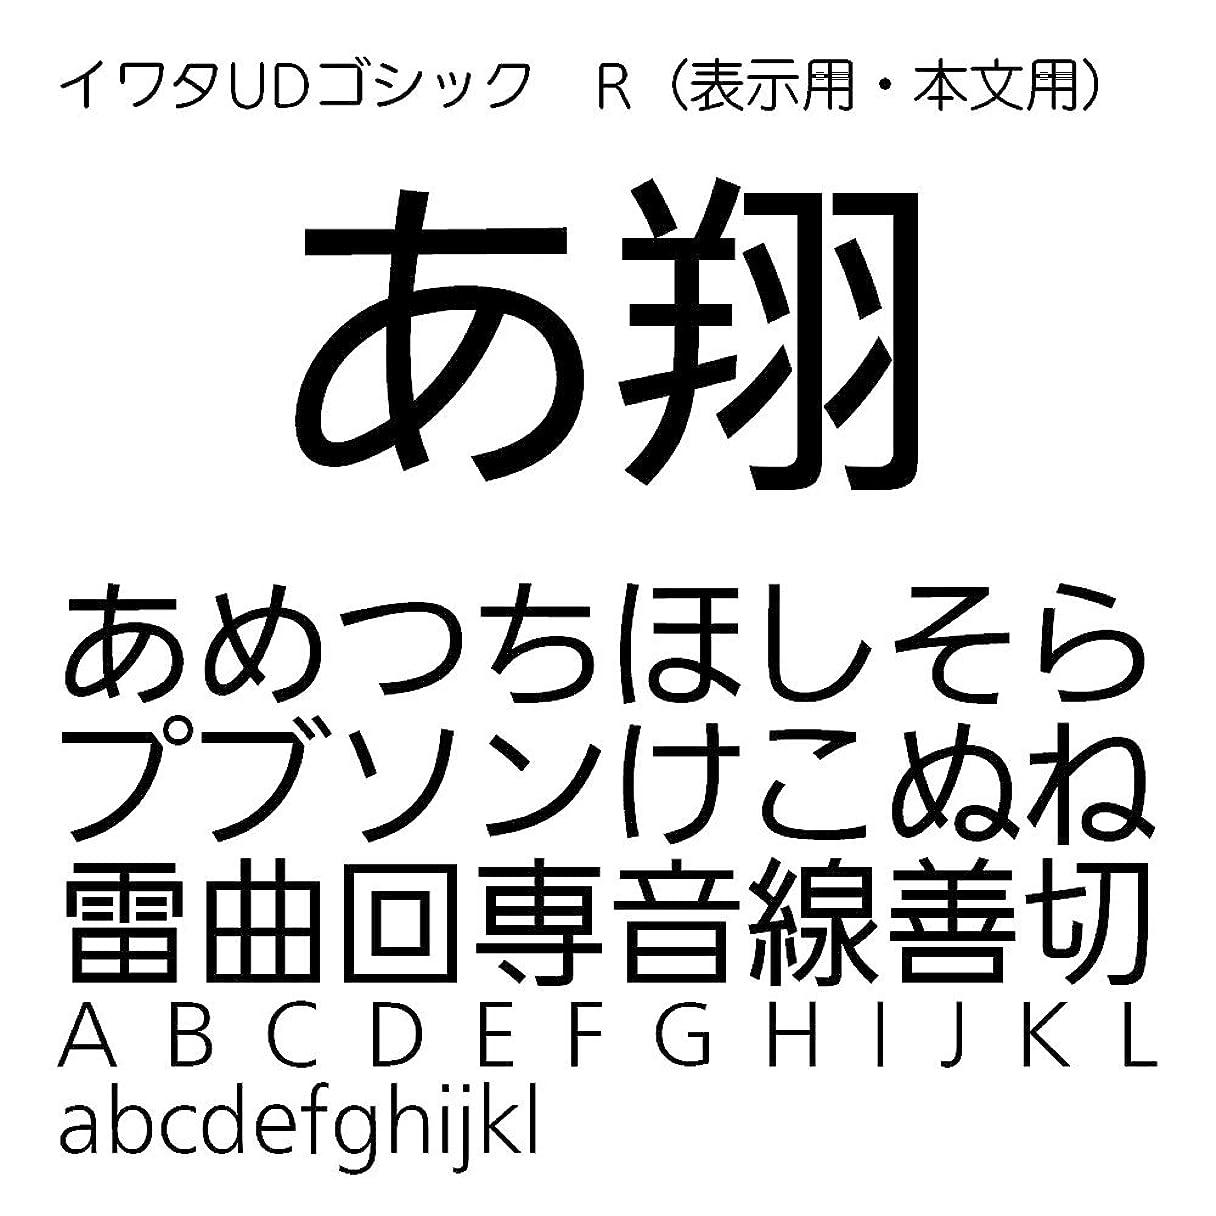 スピン対人バットイワタUDゴシックR(表示用?本文用) TrueType Font for Windows [ダウンロード]